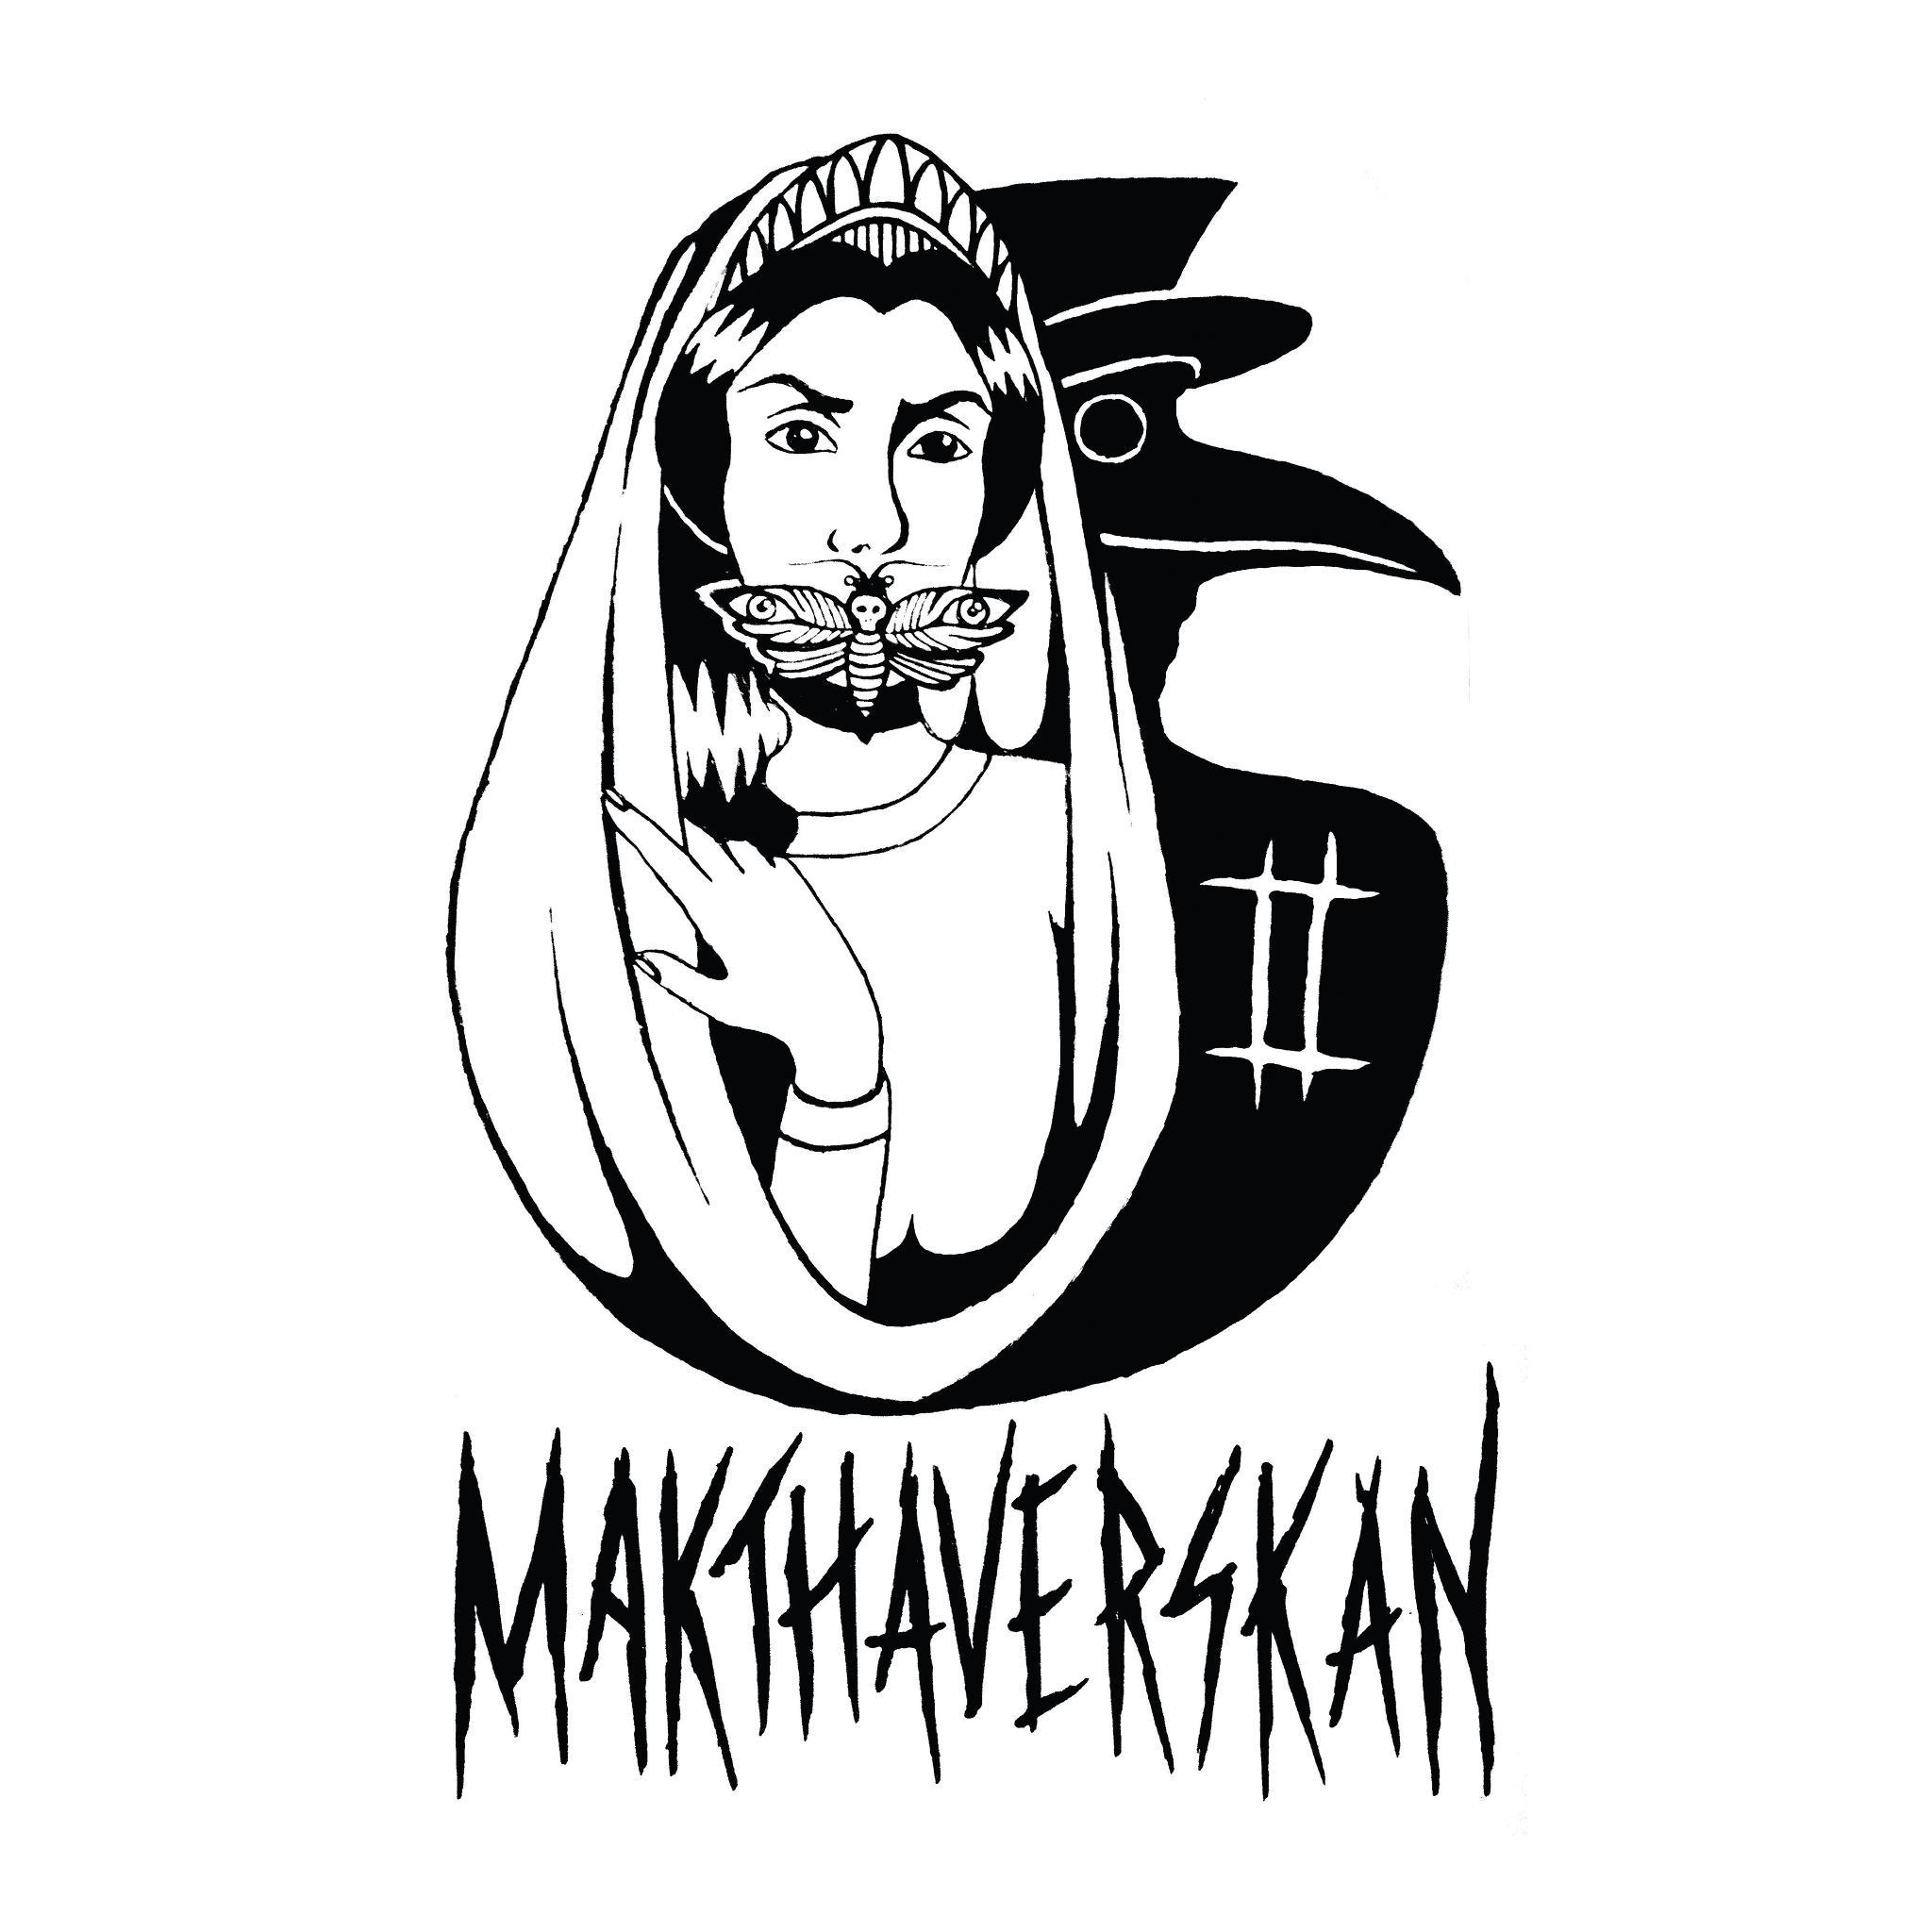 Makthaverskan_MakthaverskanII_Cover